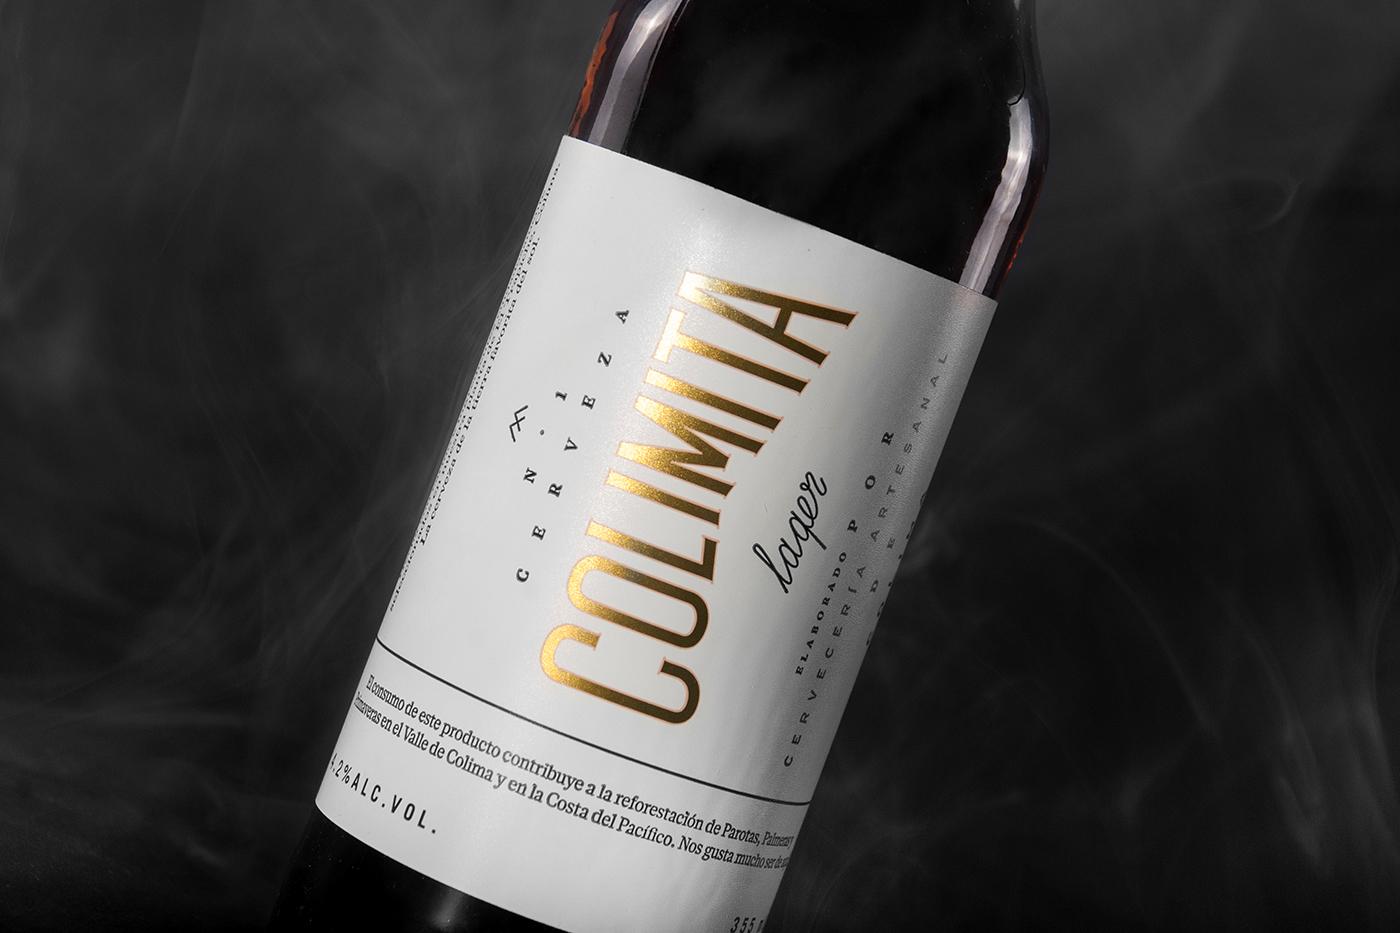 Diseño de etiquetas por Anagrama Studio. Coleccion 2Design Blog